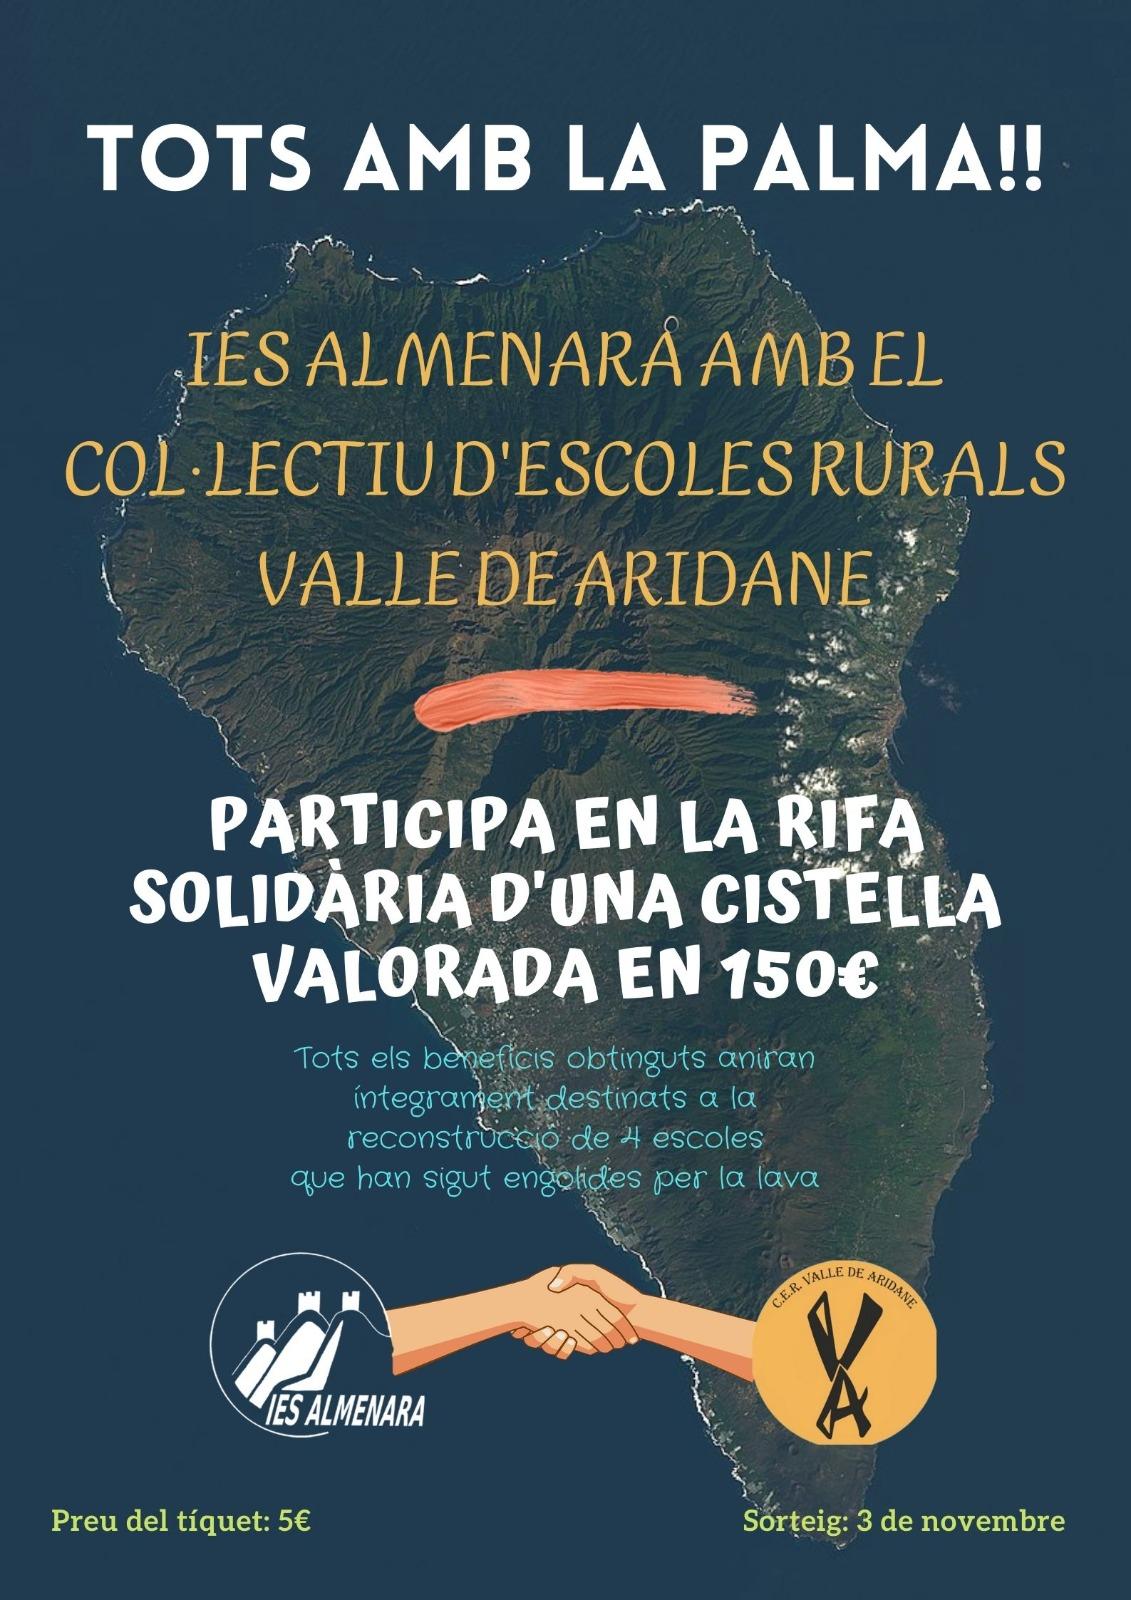 El IES Almenara realiza una acción solidaria para ayudar al colectivo de escuelas rurales de Aridante en La Palma